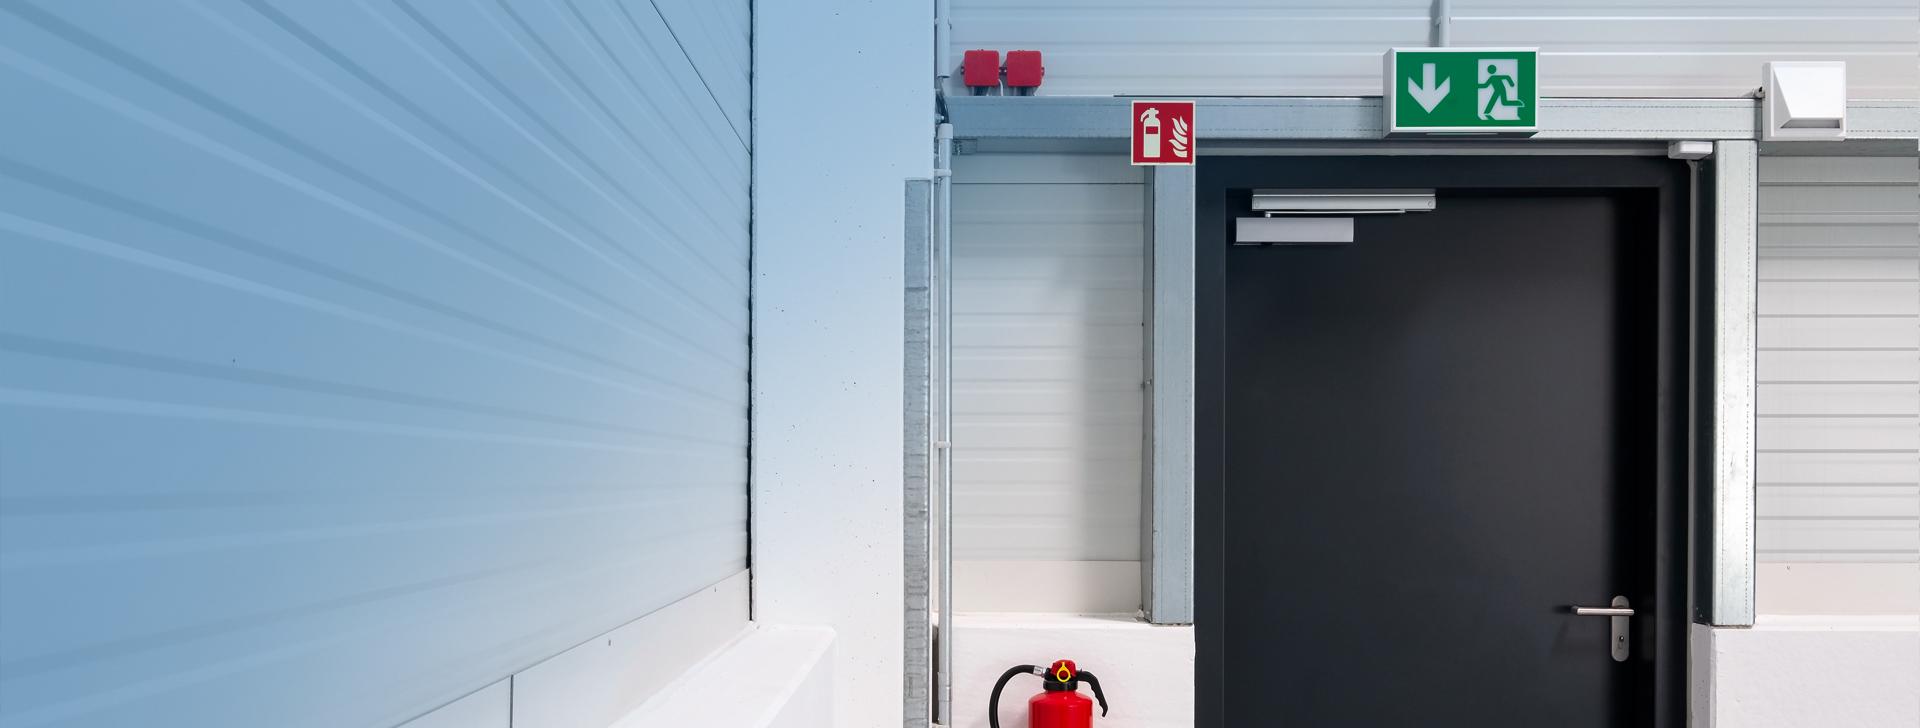 Pruefung von Brandschutztueren und Brandschutztoren